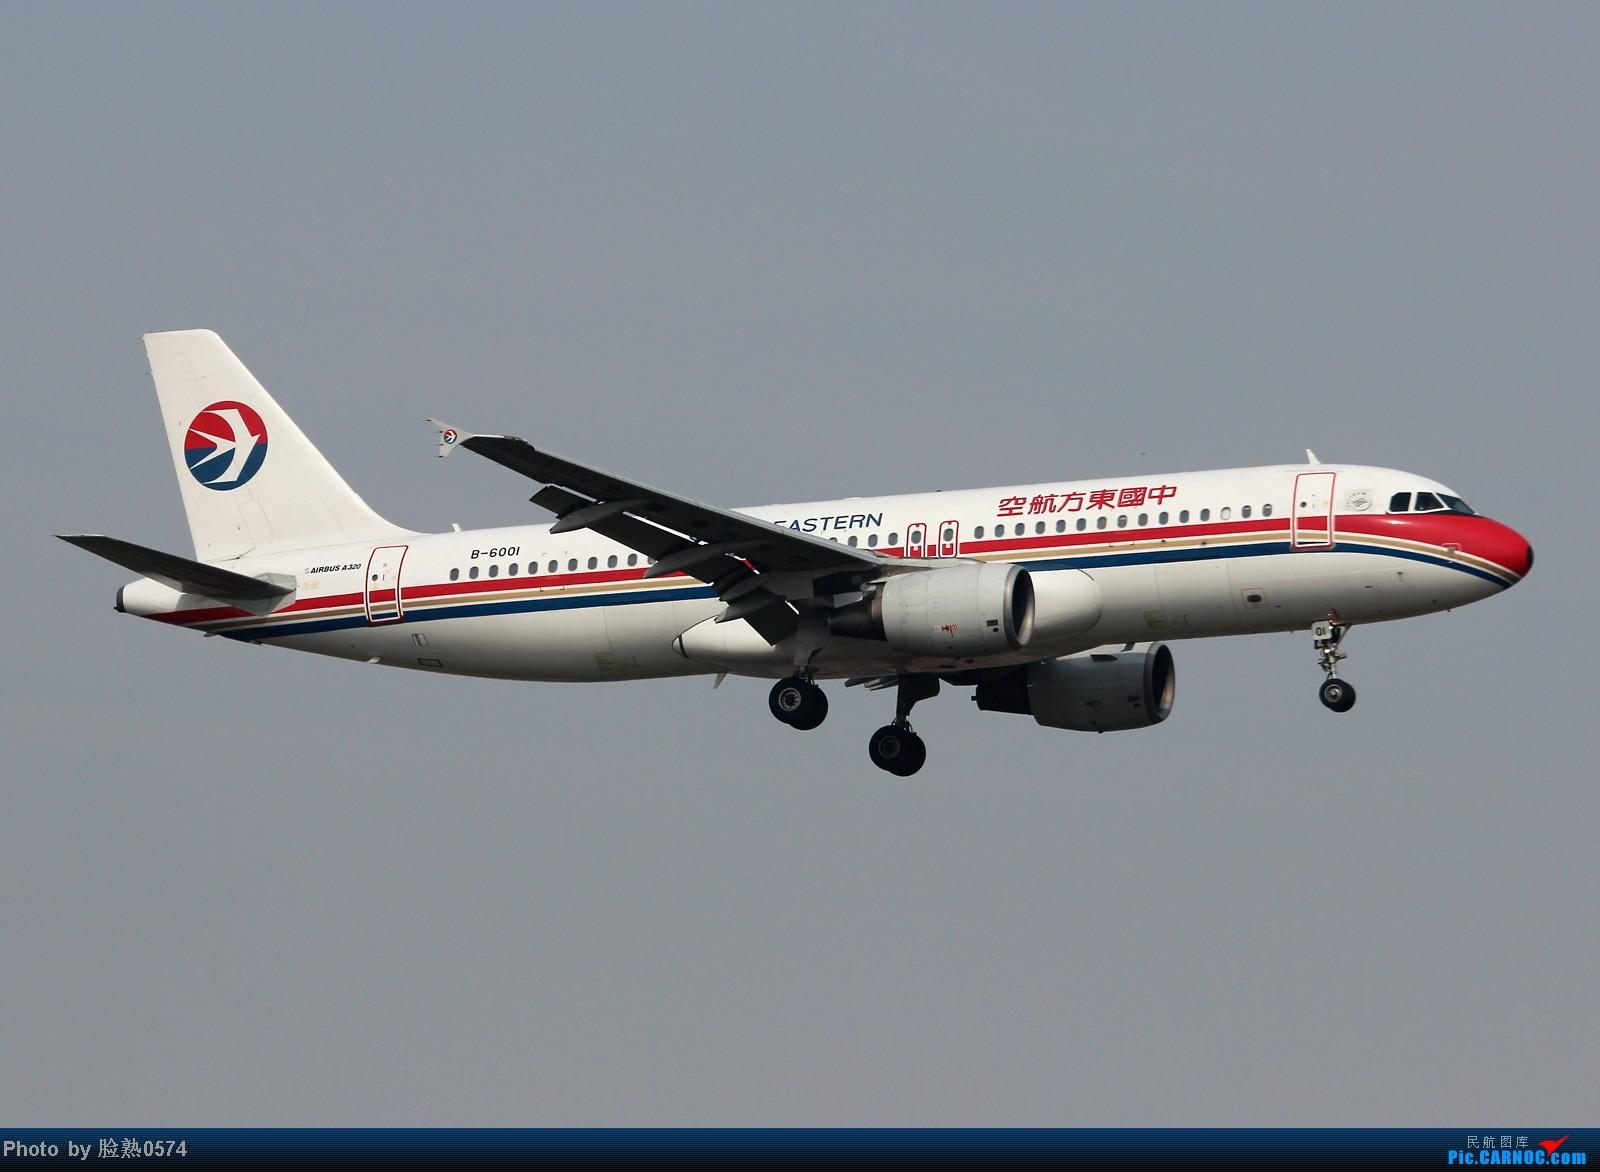 Re:[原创]无聊的等待换来了一架湾流公务机G550 AIRBUS A320-200 B-6001 中国宁波栎社机场